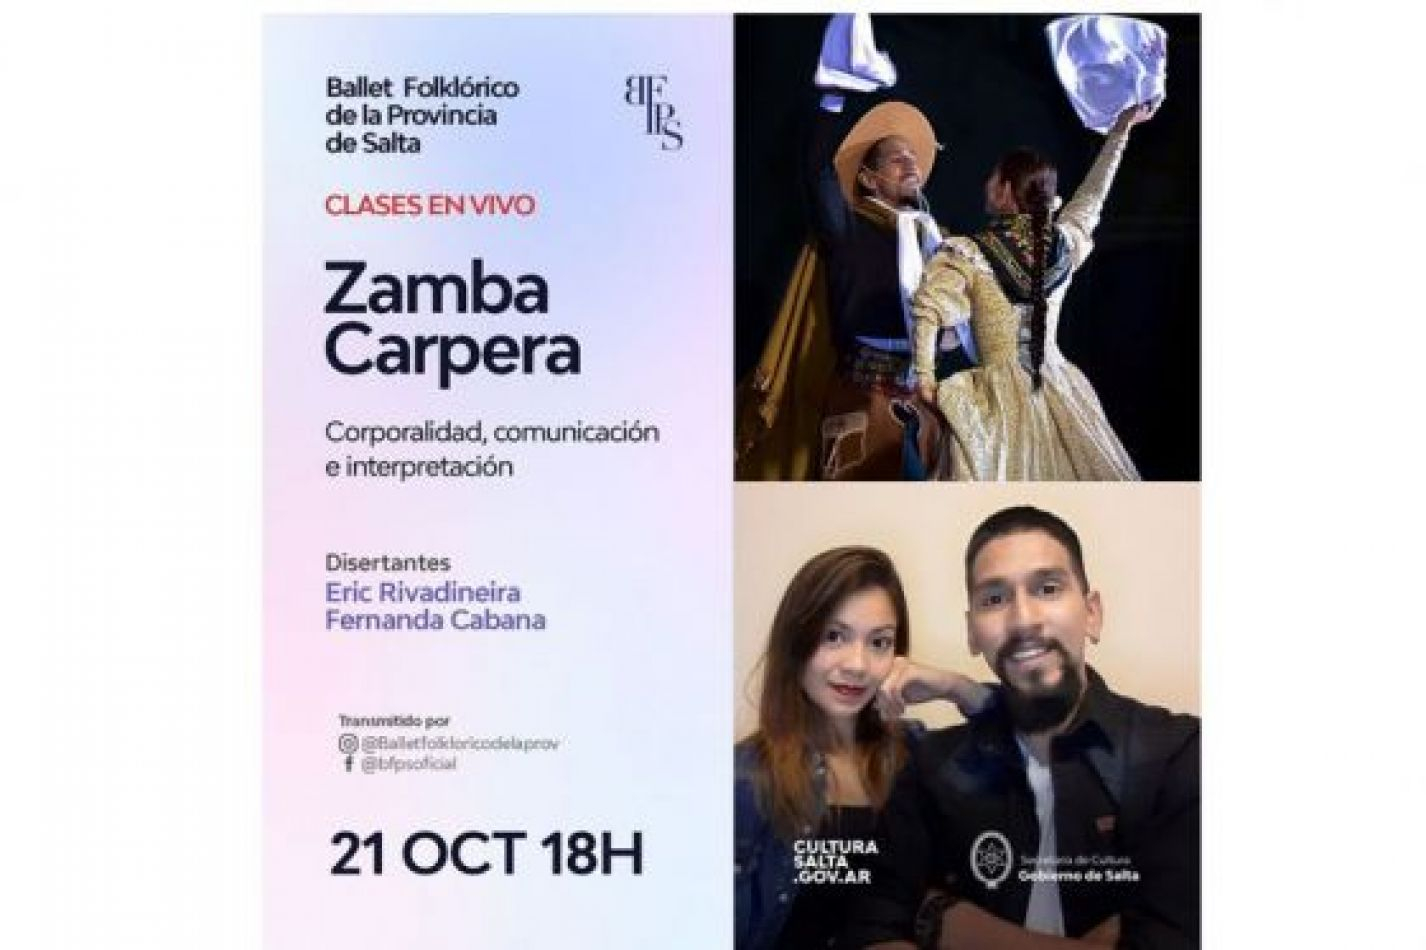 El Ballet Folklórico presenta el ciclo de clases virtuales Miércoles de Folklore